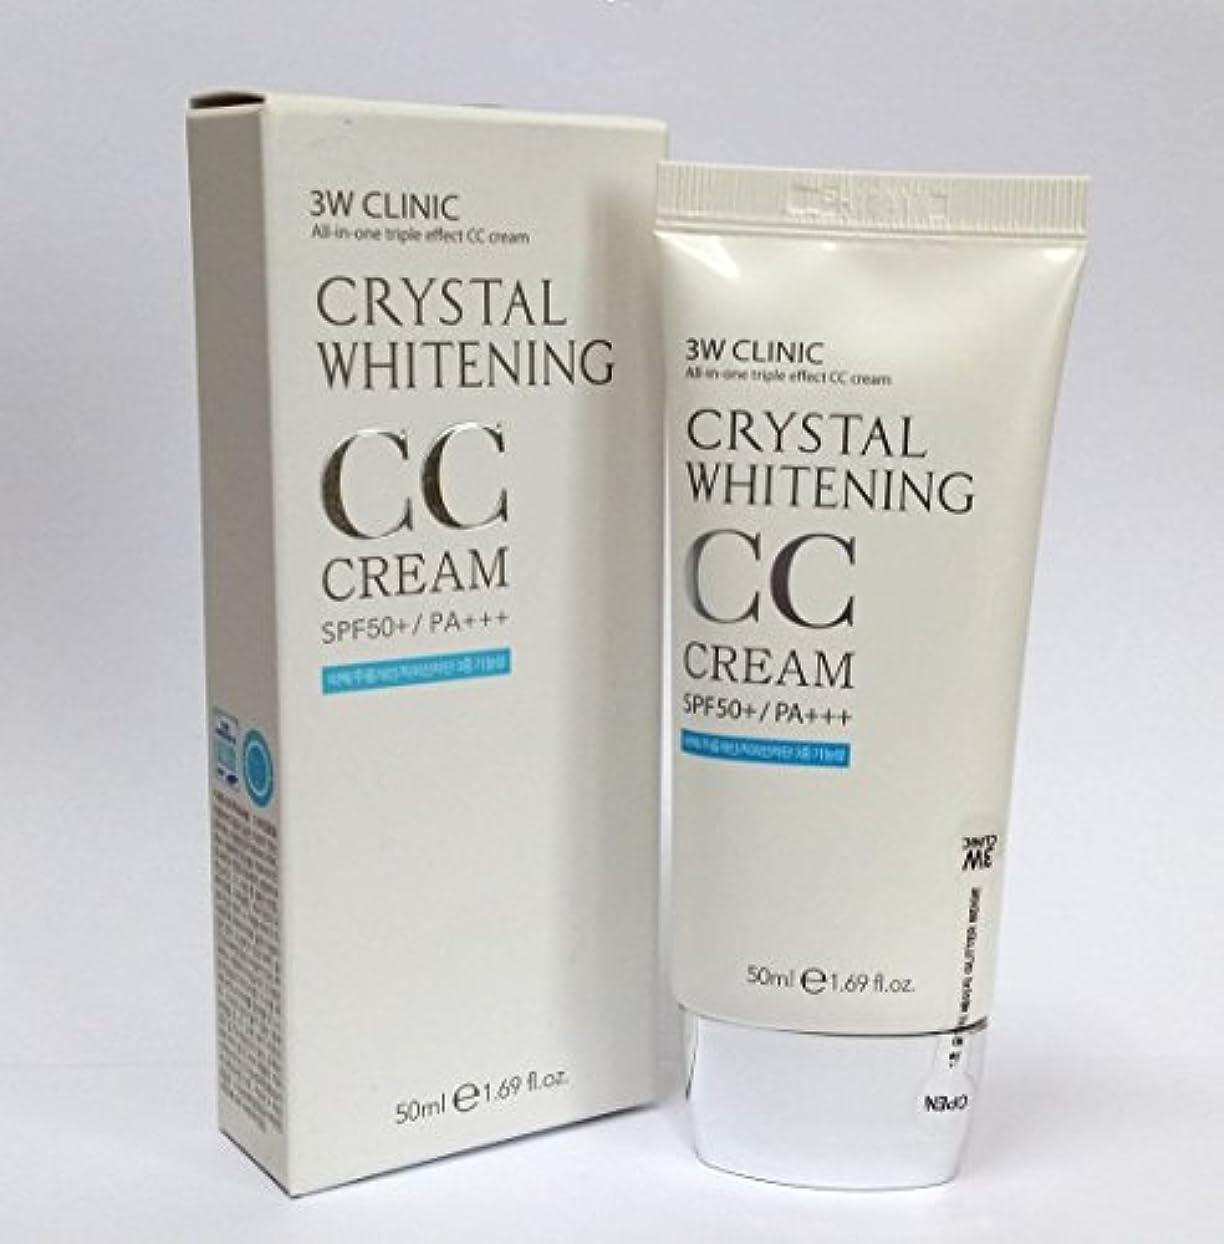 愛情深い虫を数える半ば[3W CLINIC] クリスタルホワイトニングCCクリーム50ml SPF50 PA +++ / #02 Natural Beige / Crystal Whitening CC Cream 50ml SPF50 PA...